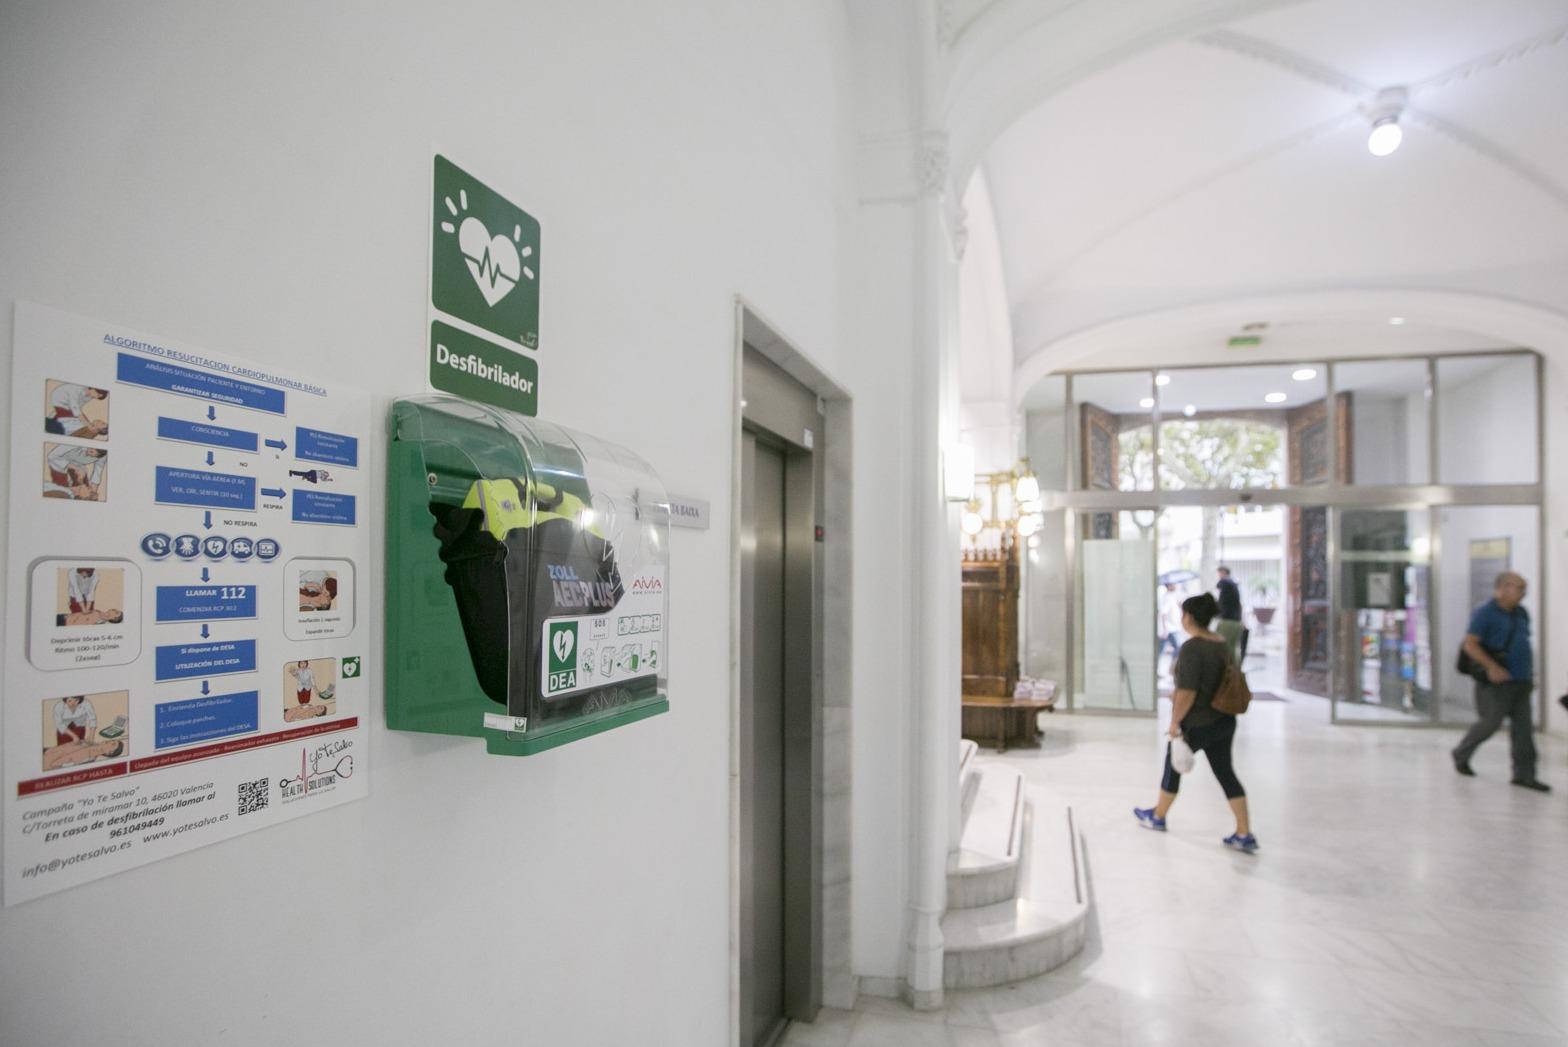 Gandia instala 4 desfibriladores más en edificios públicos y así ya son 12 en toda la ciudad